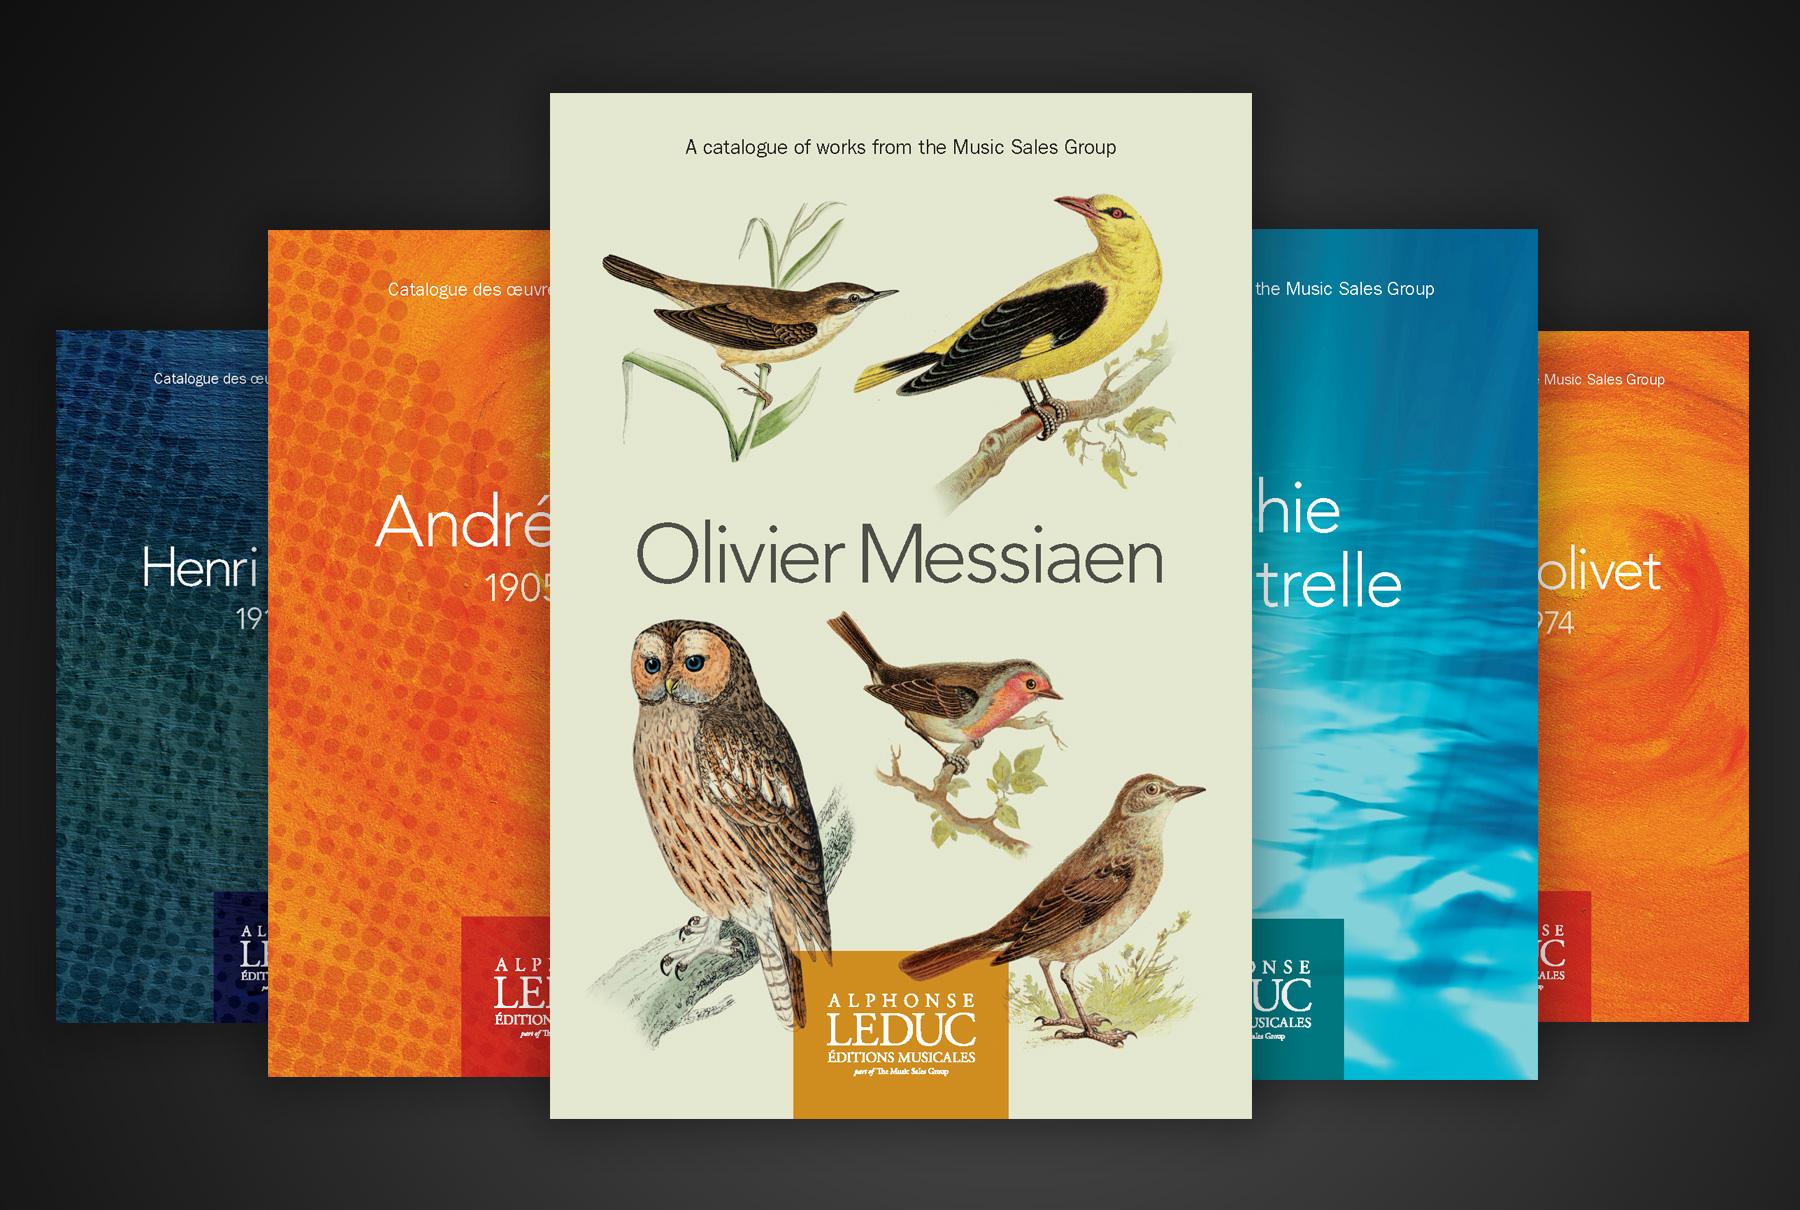 Leduc classical composer catalogue